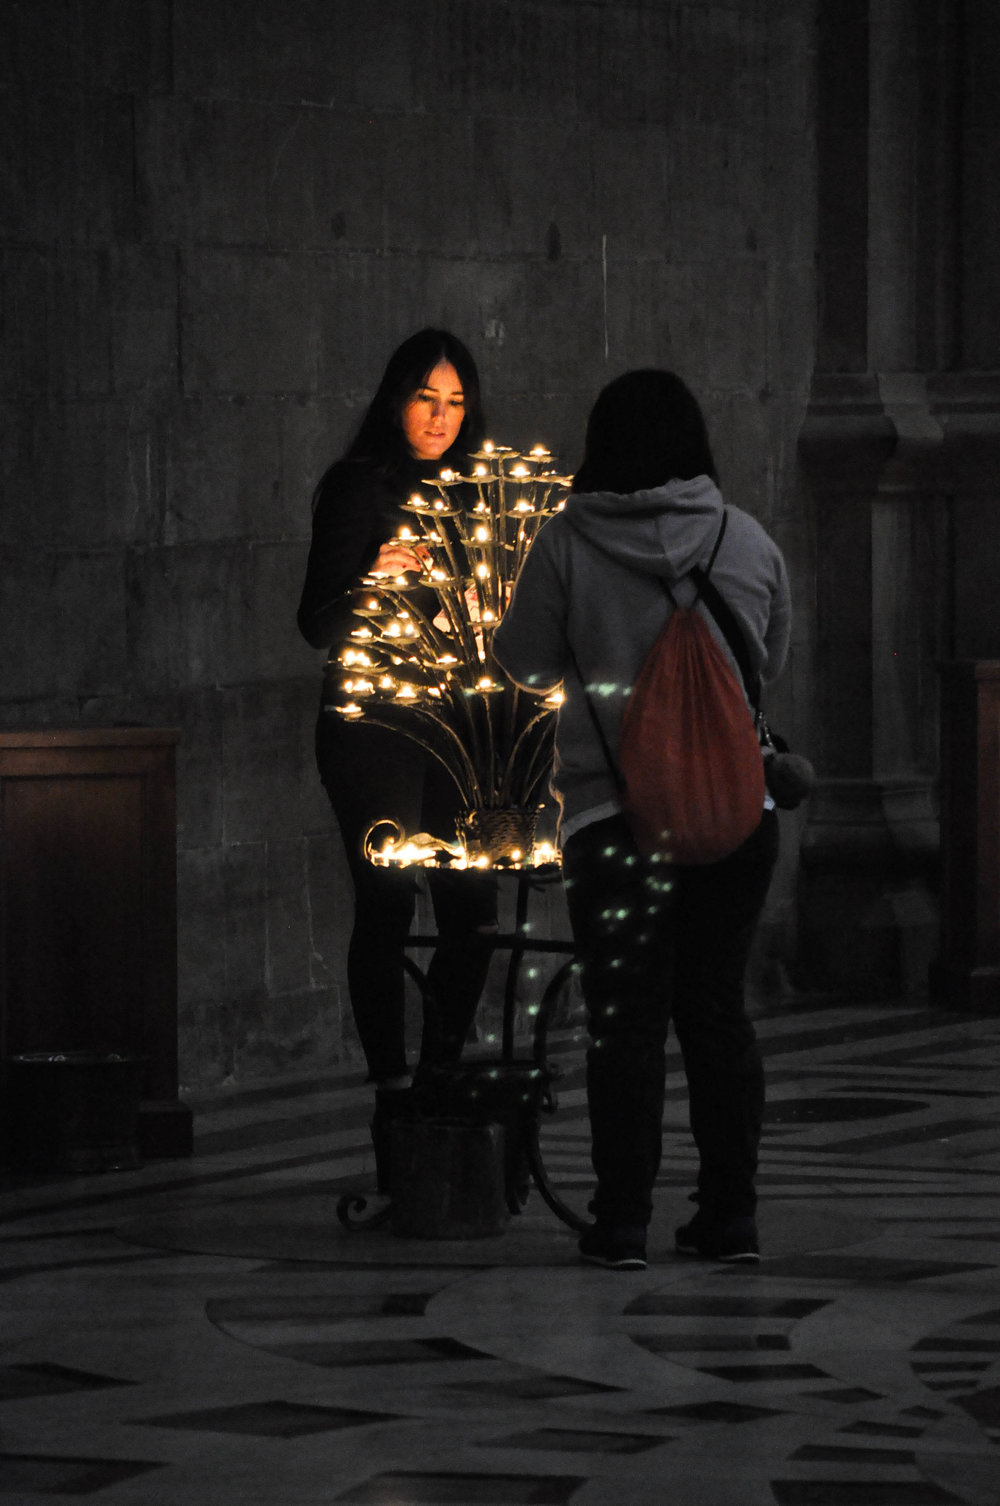 Duomo-39.jpg